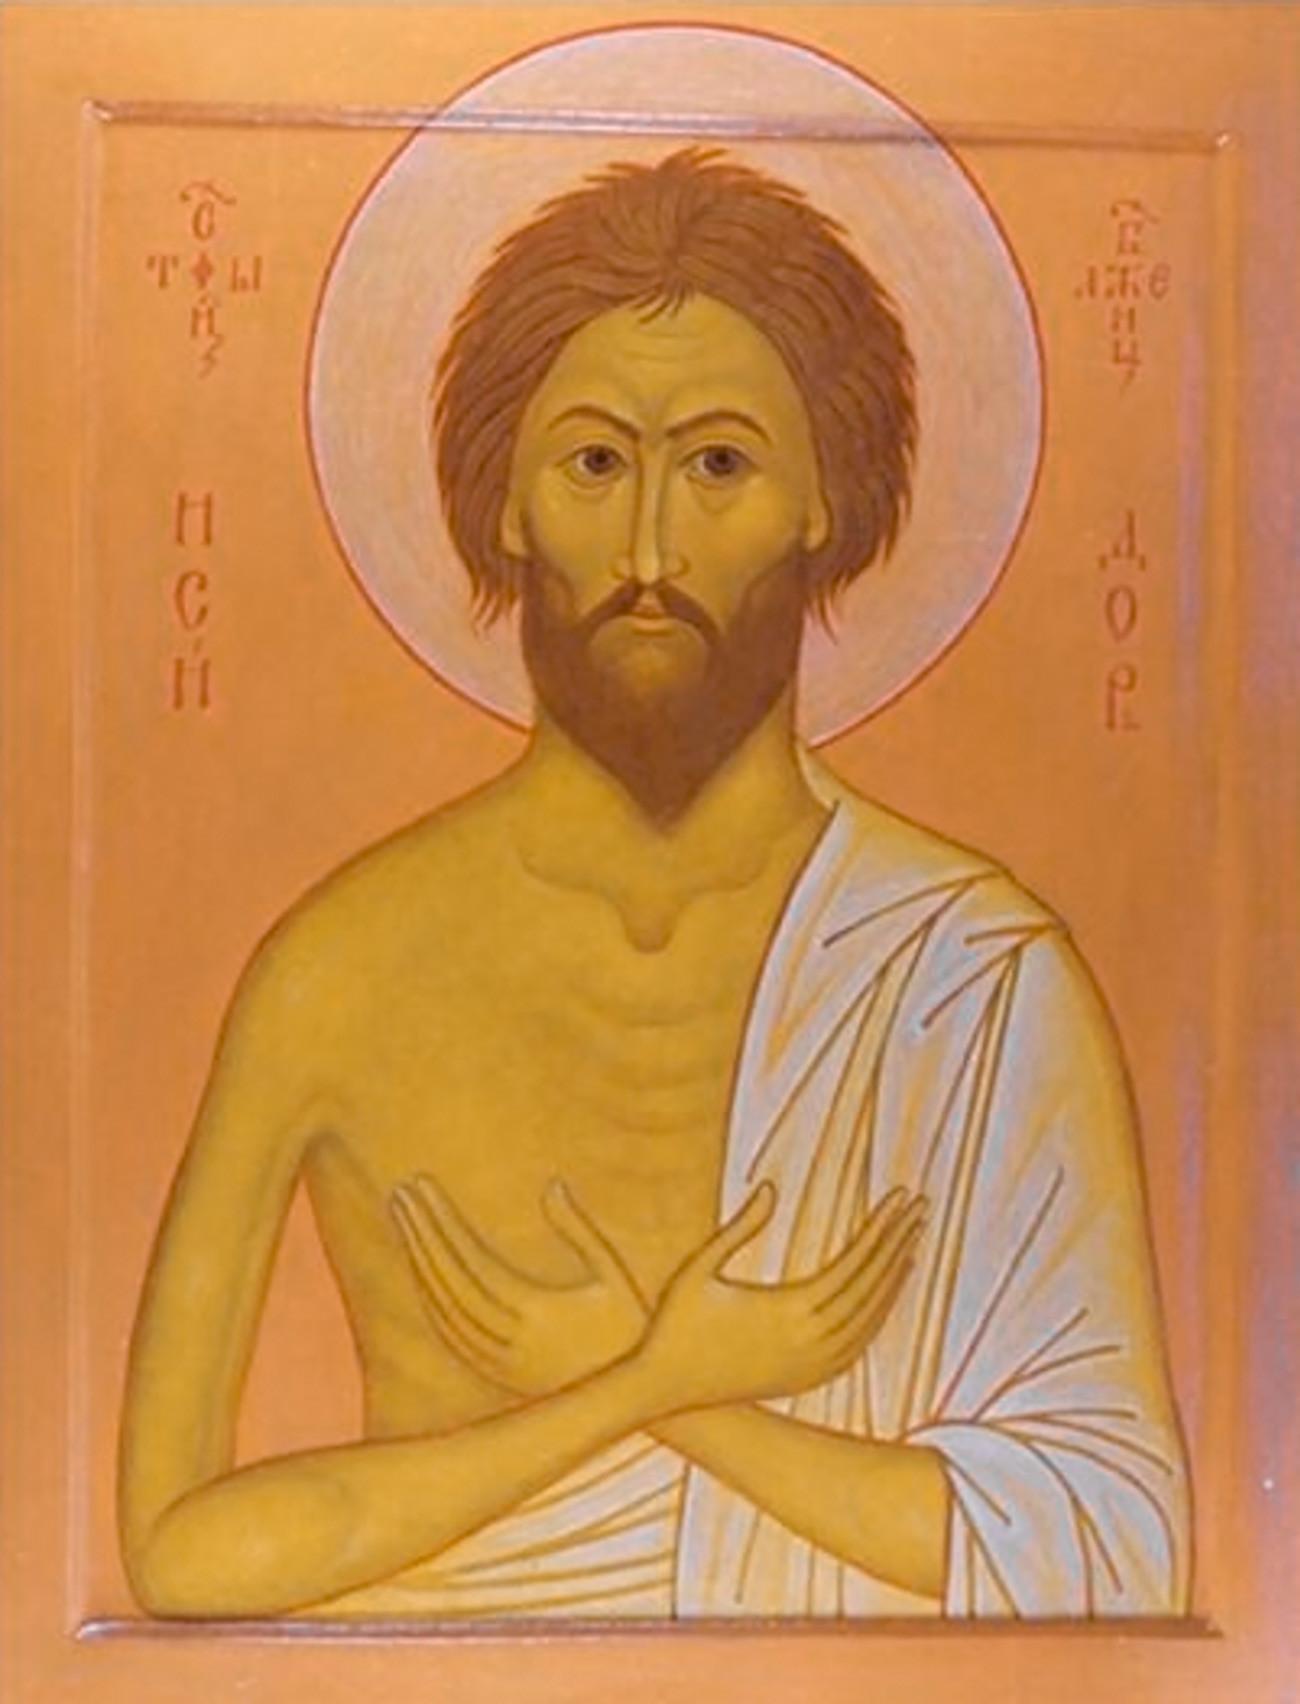 Ícone de Isidoro, o Abençoado.